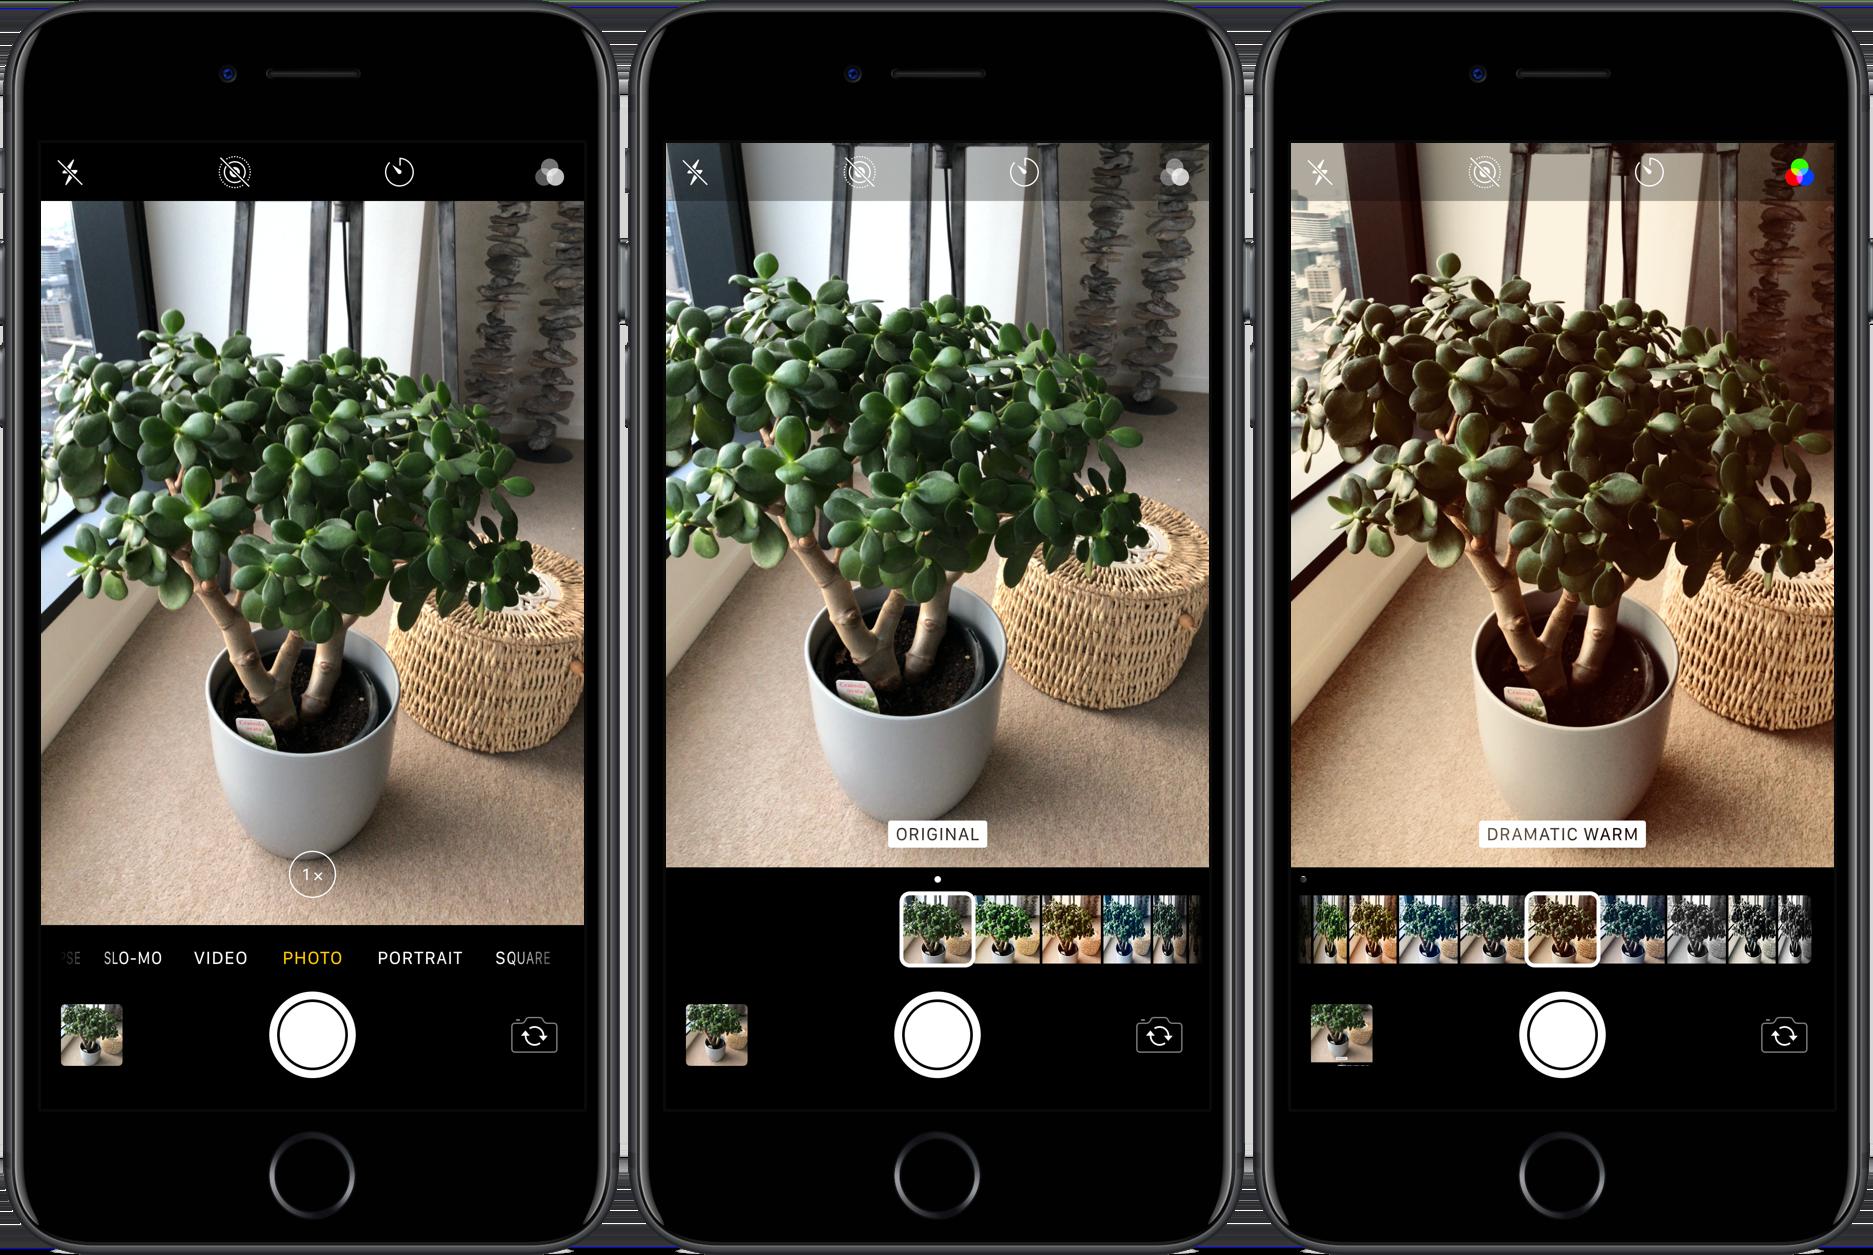 фильтры обработка фото айфон определять звания погонах